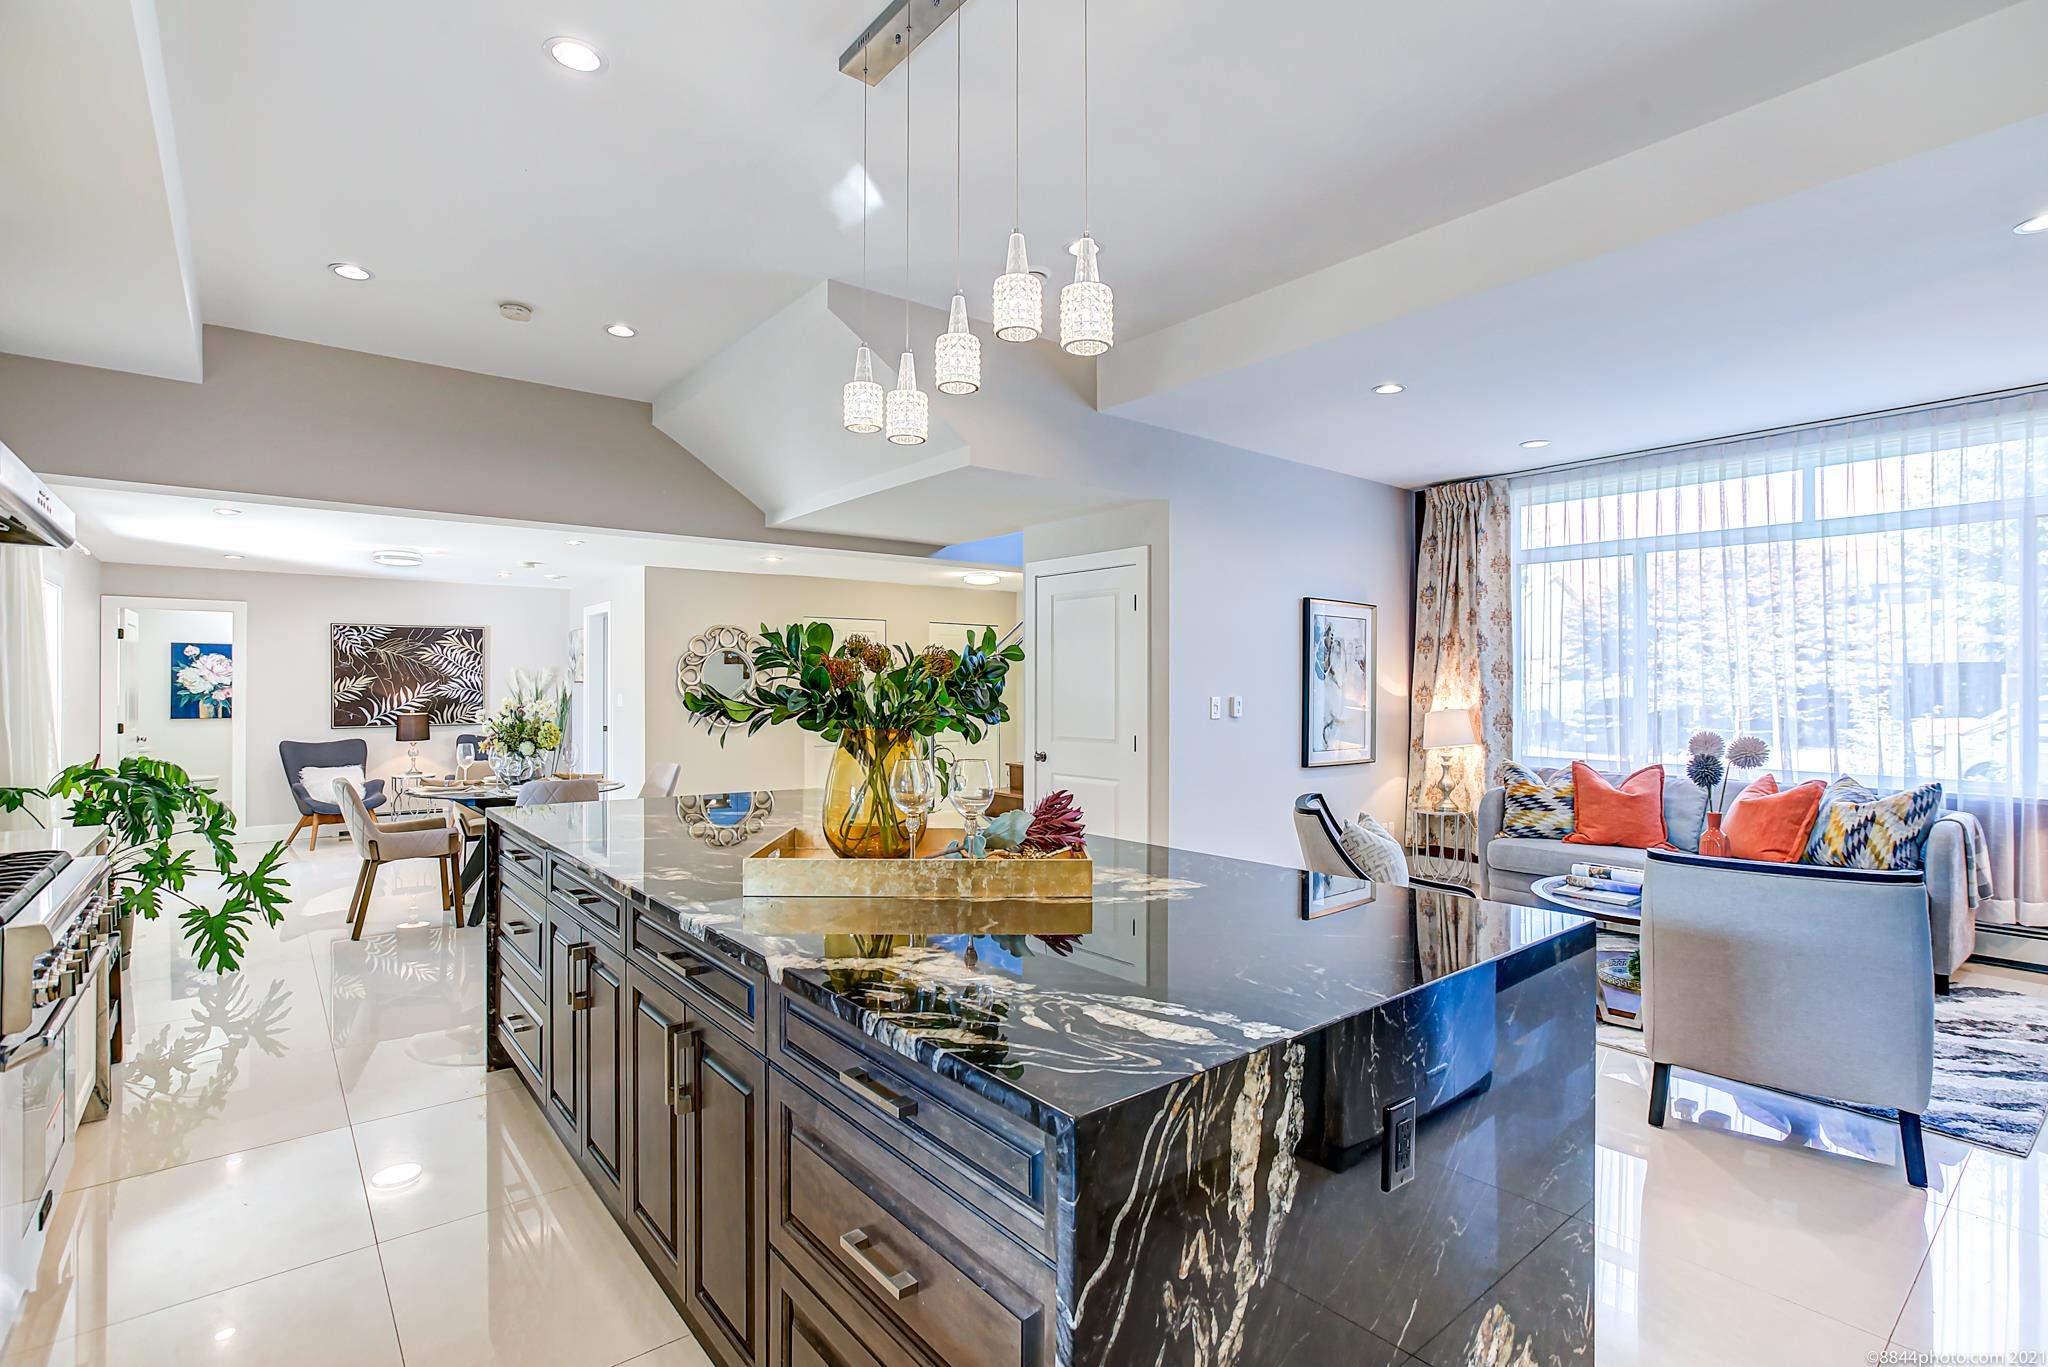 5047 CALVERT DRIVE - Neilsen Grove House/Single Family for sale, 4 Bedrooms (R2604870) - #1